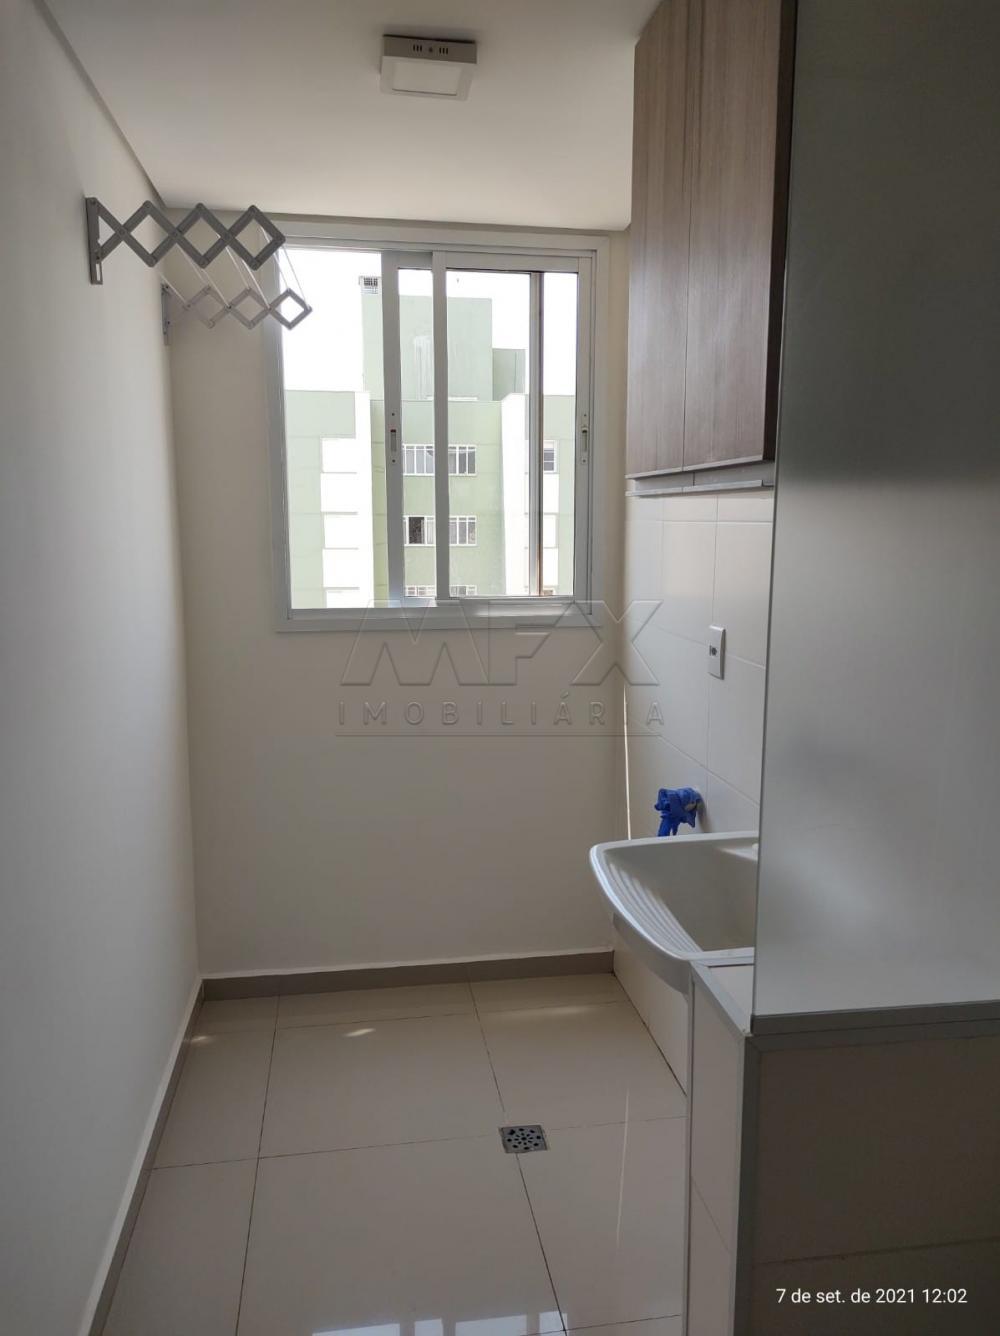 Alugar Apartamento / Padrão em Bauru R$ 1.300,00 - Foto 2